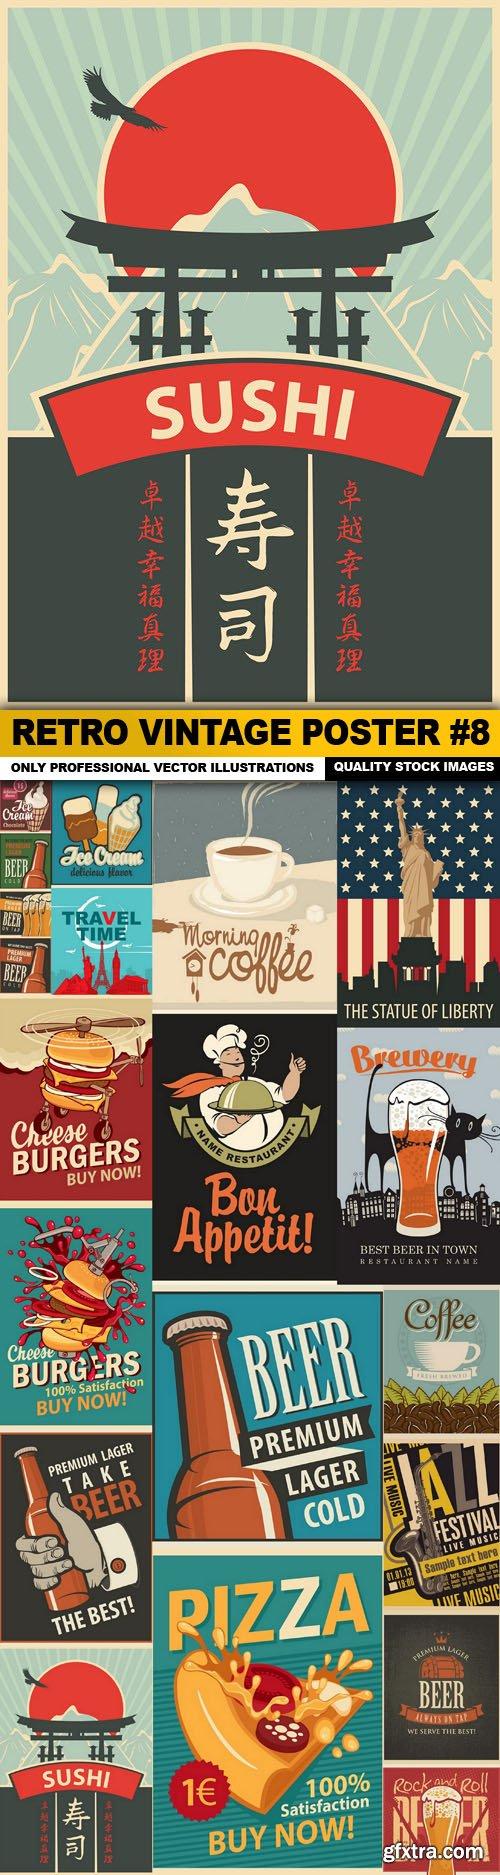 Retro Vintage Poster #8 - 20 Vector